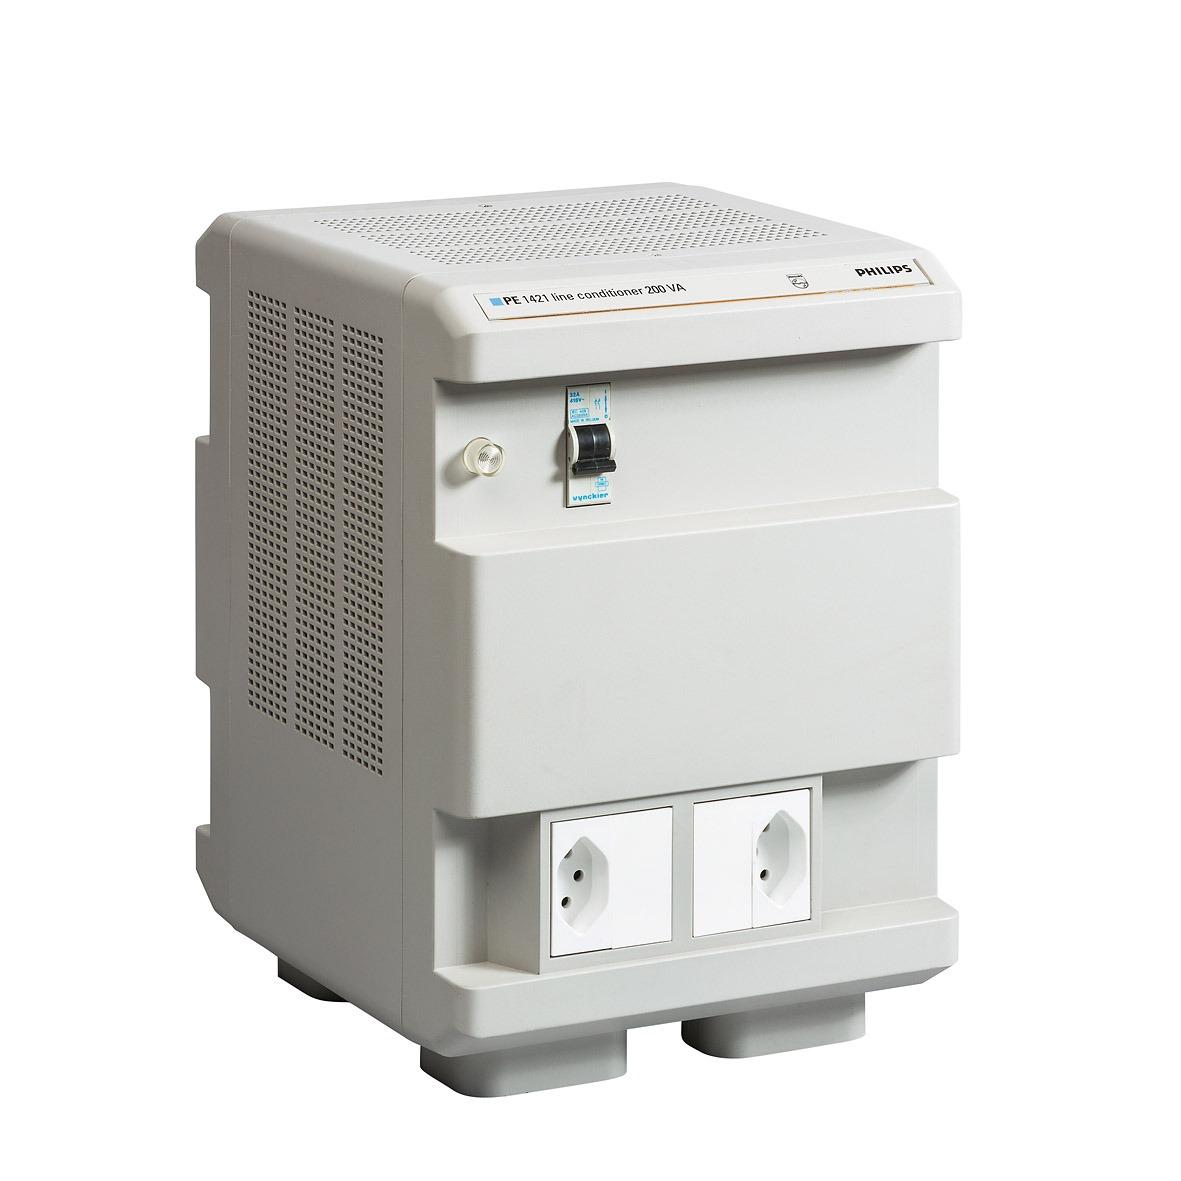 9415 014 14201 (PE1414/20) - Line Conditioner 220V/220V-1500VA